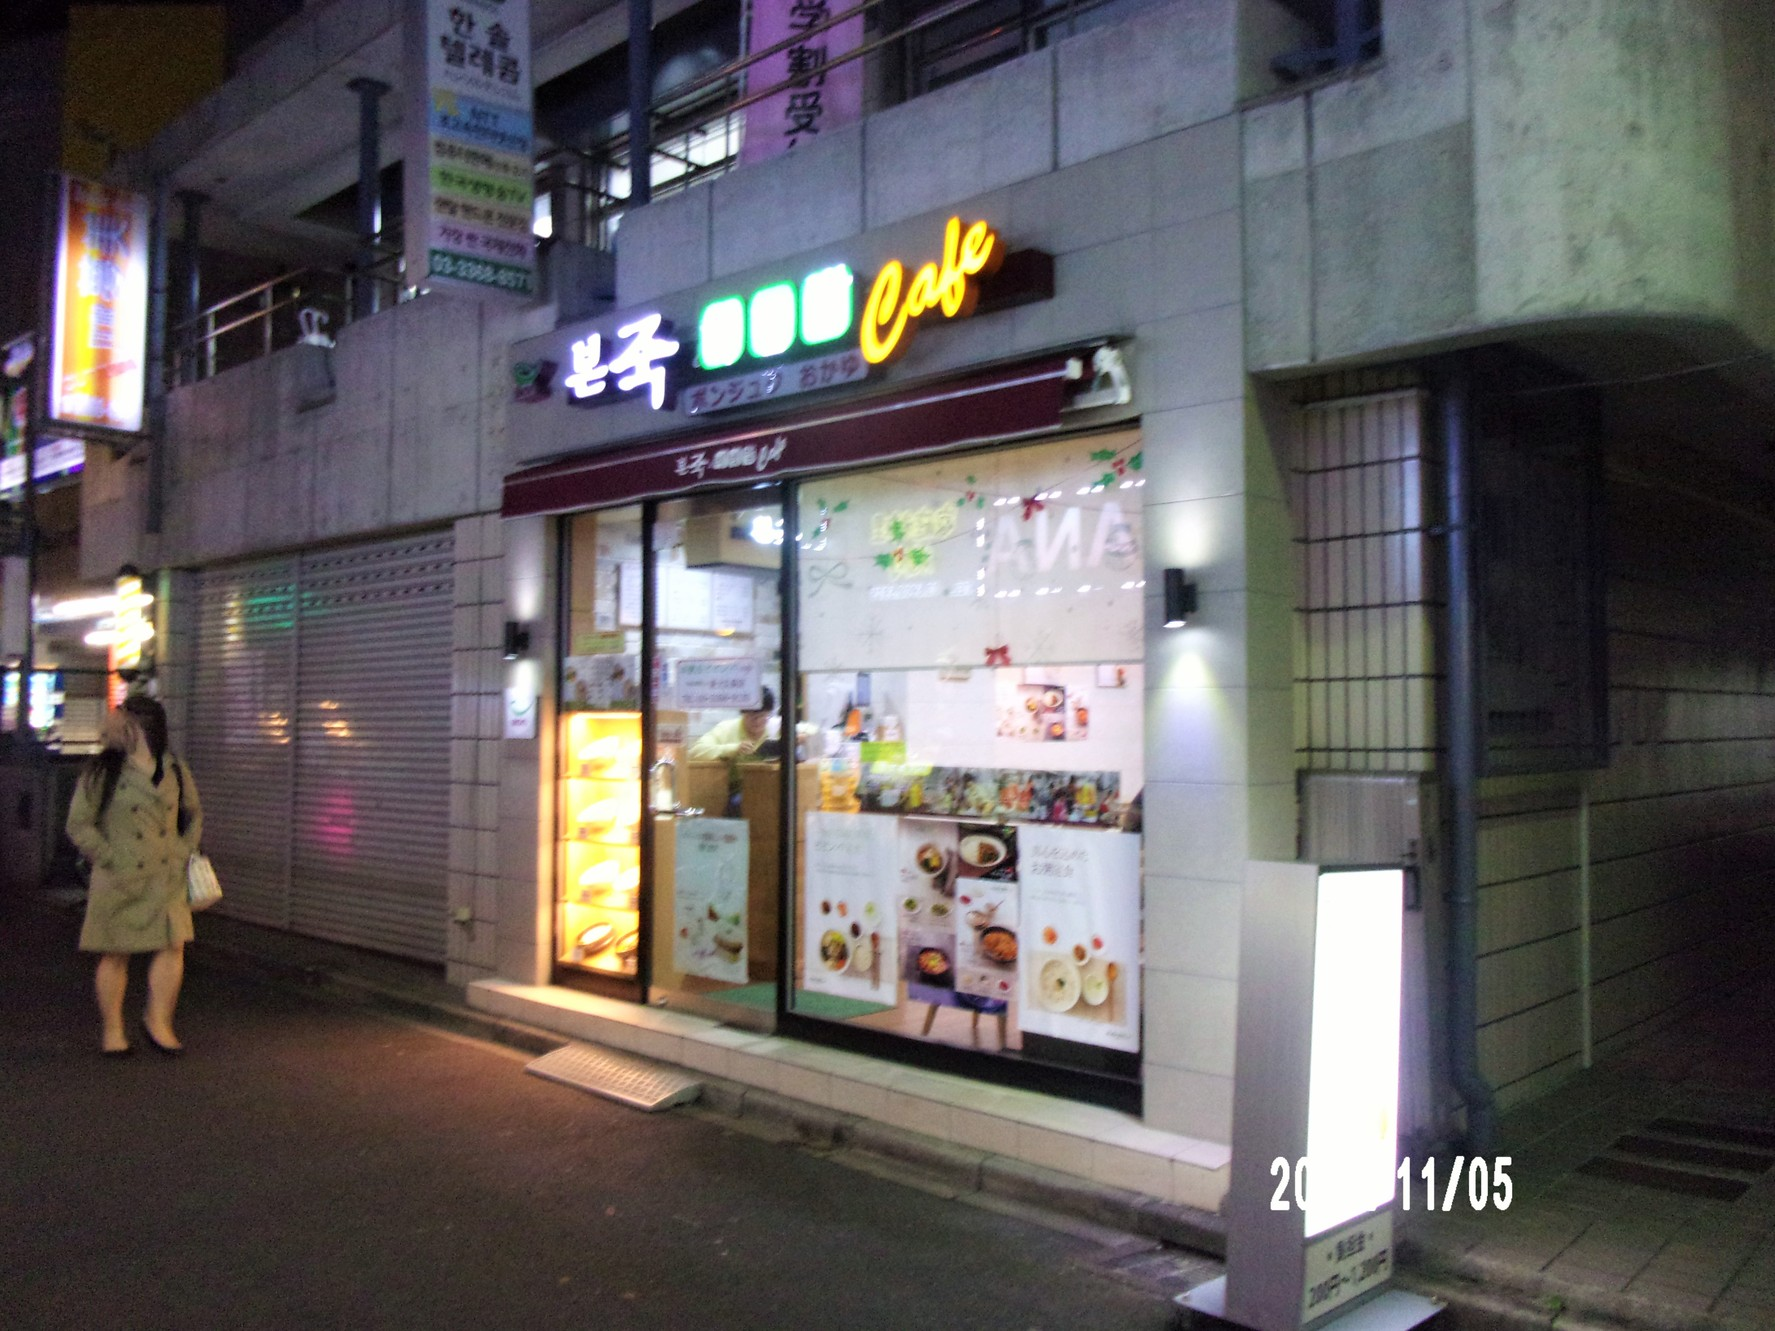 ボンジュク&ビビンバcafe 新大久保店